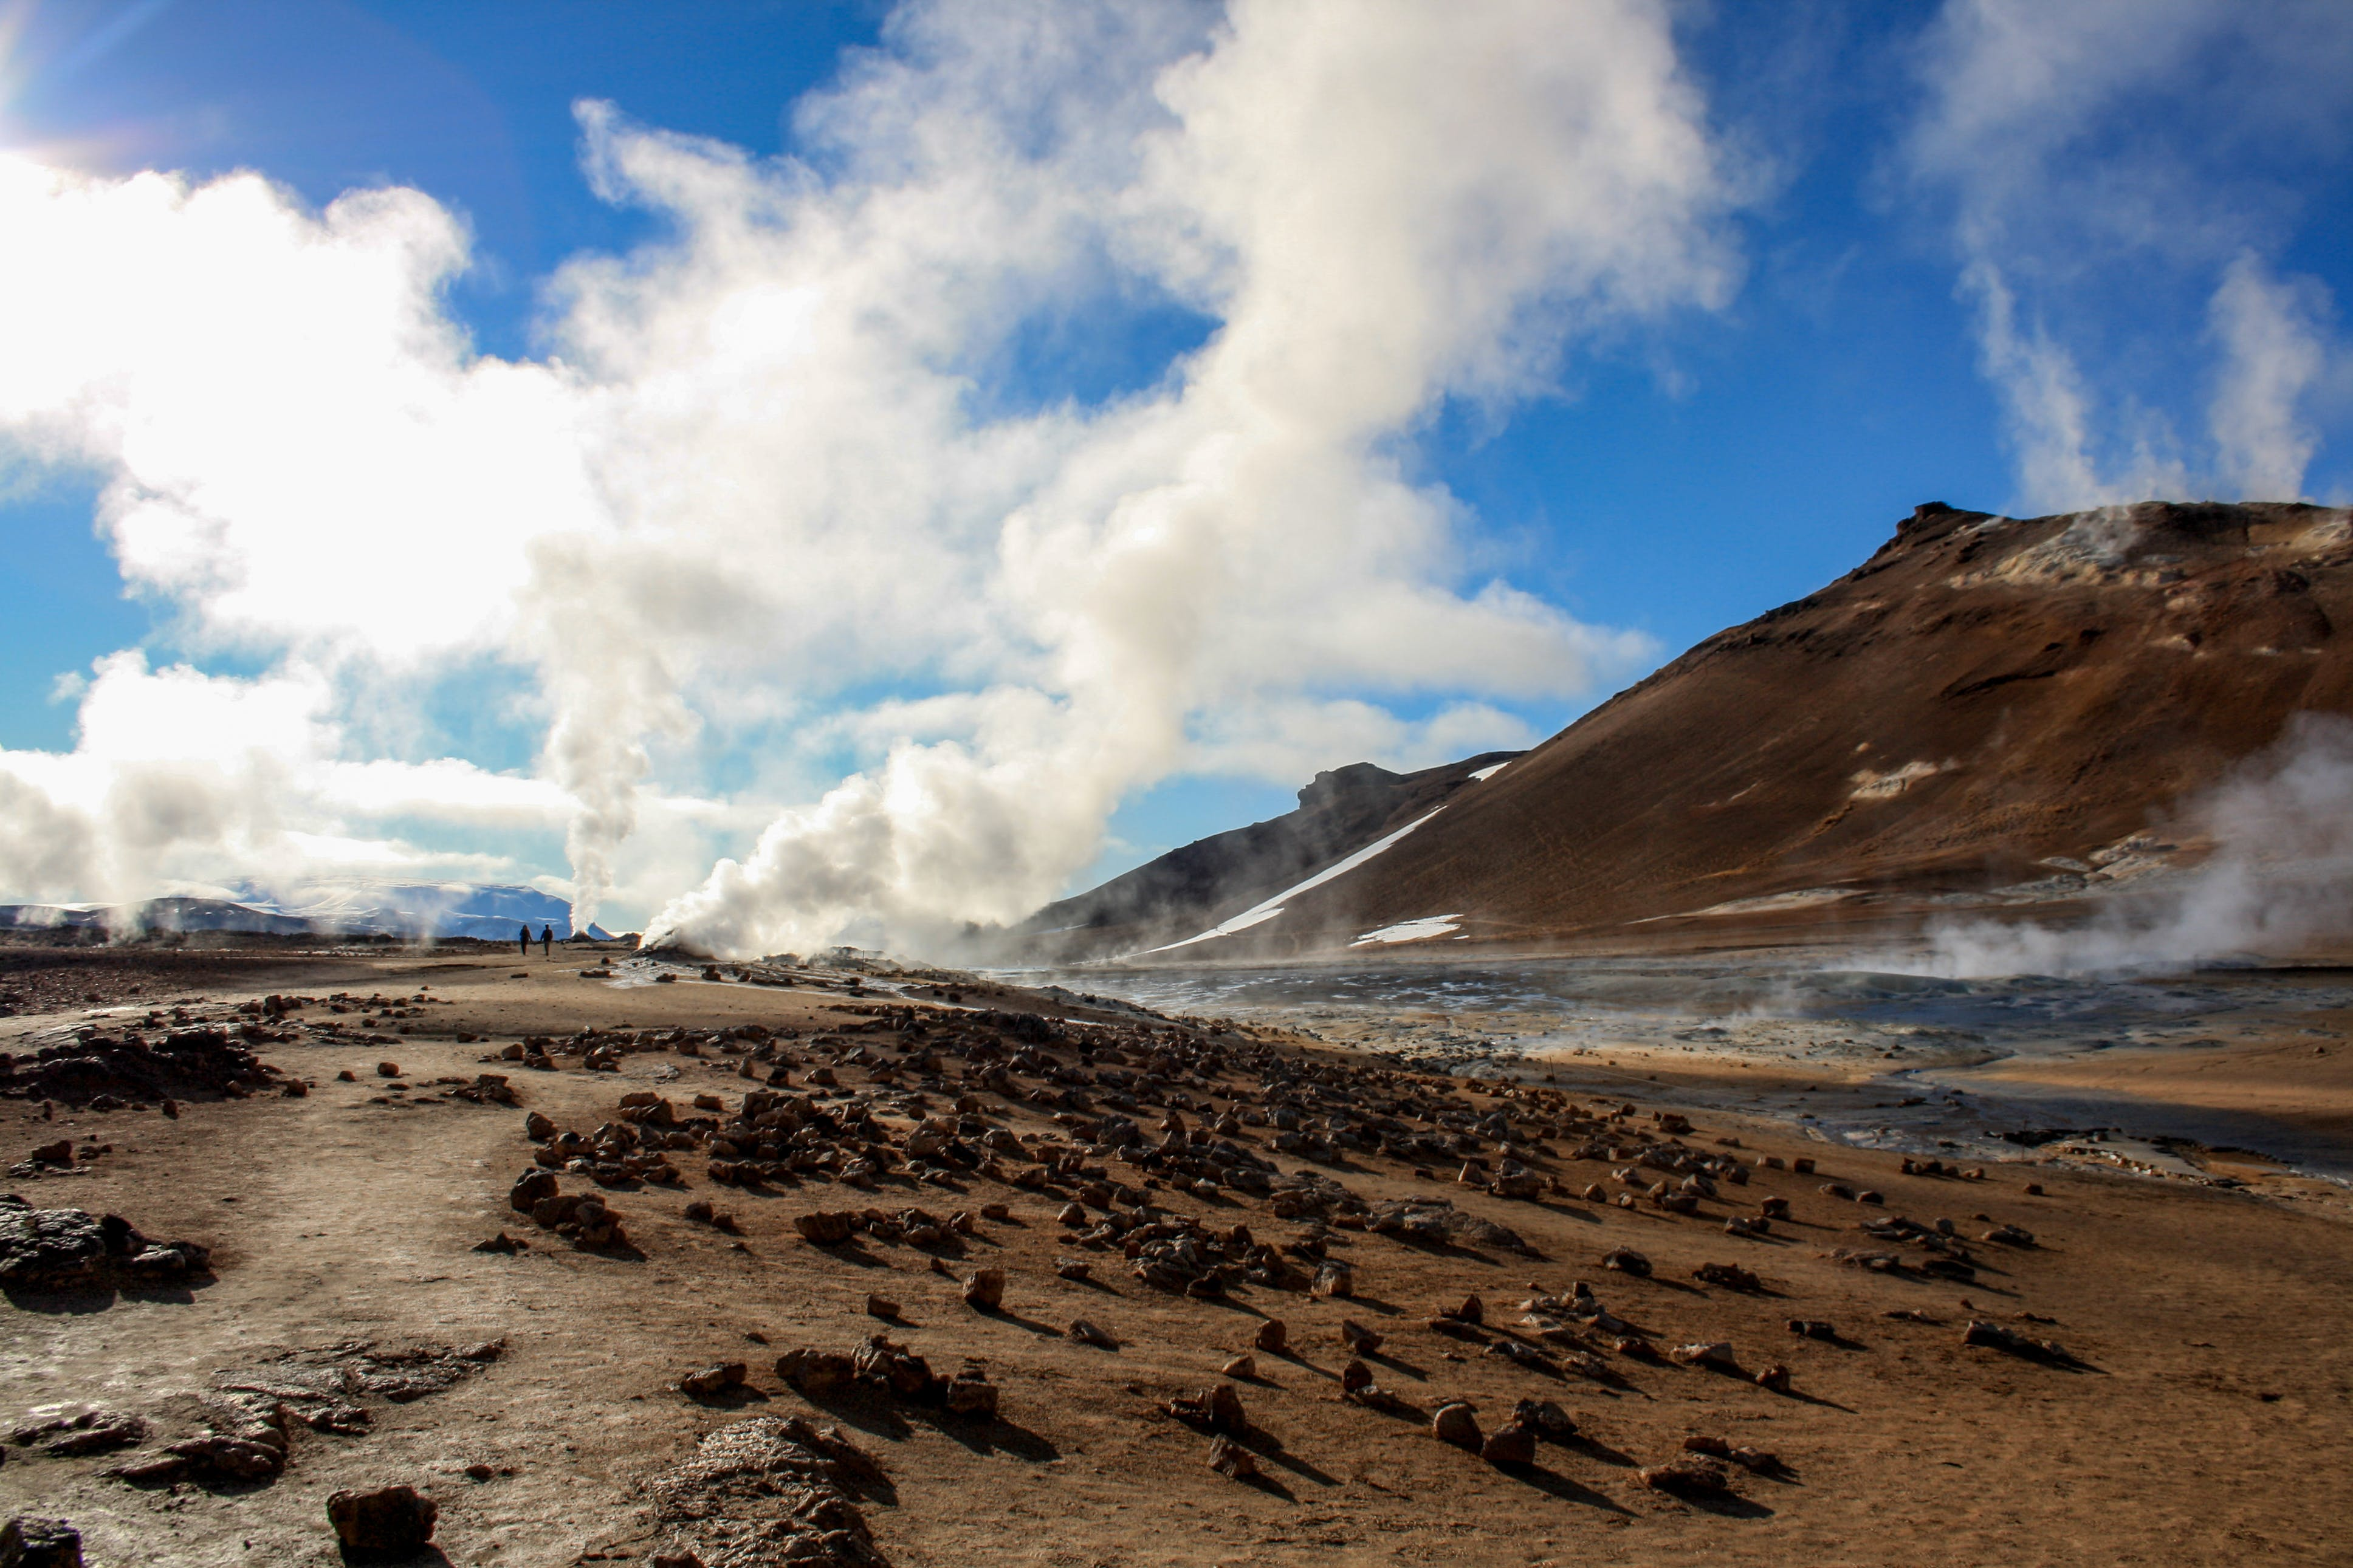 Tagestour zum See Mývatn | mit Flug ab Reykjavík